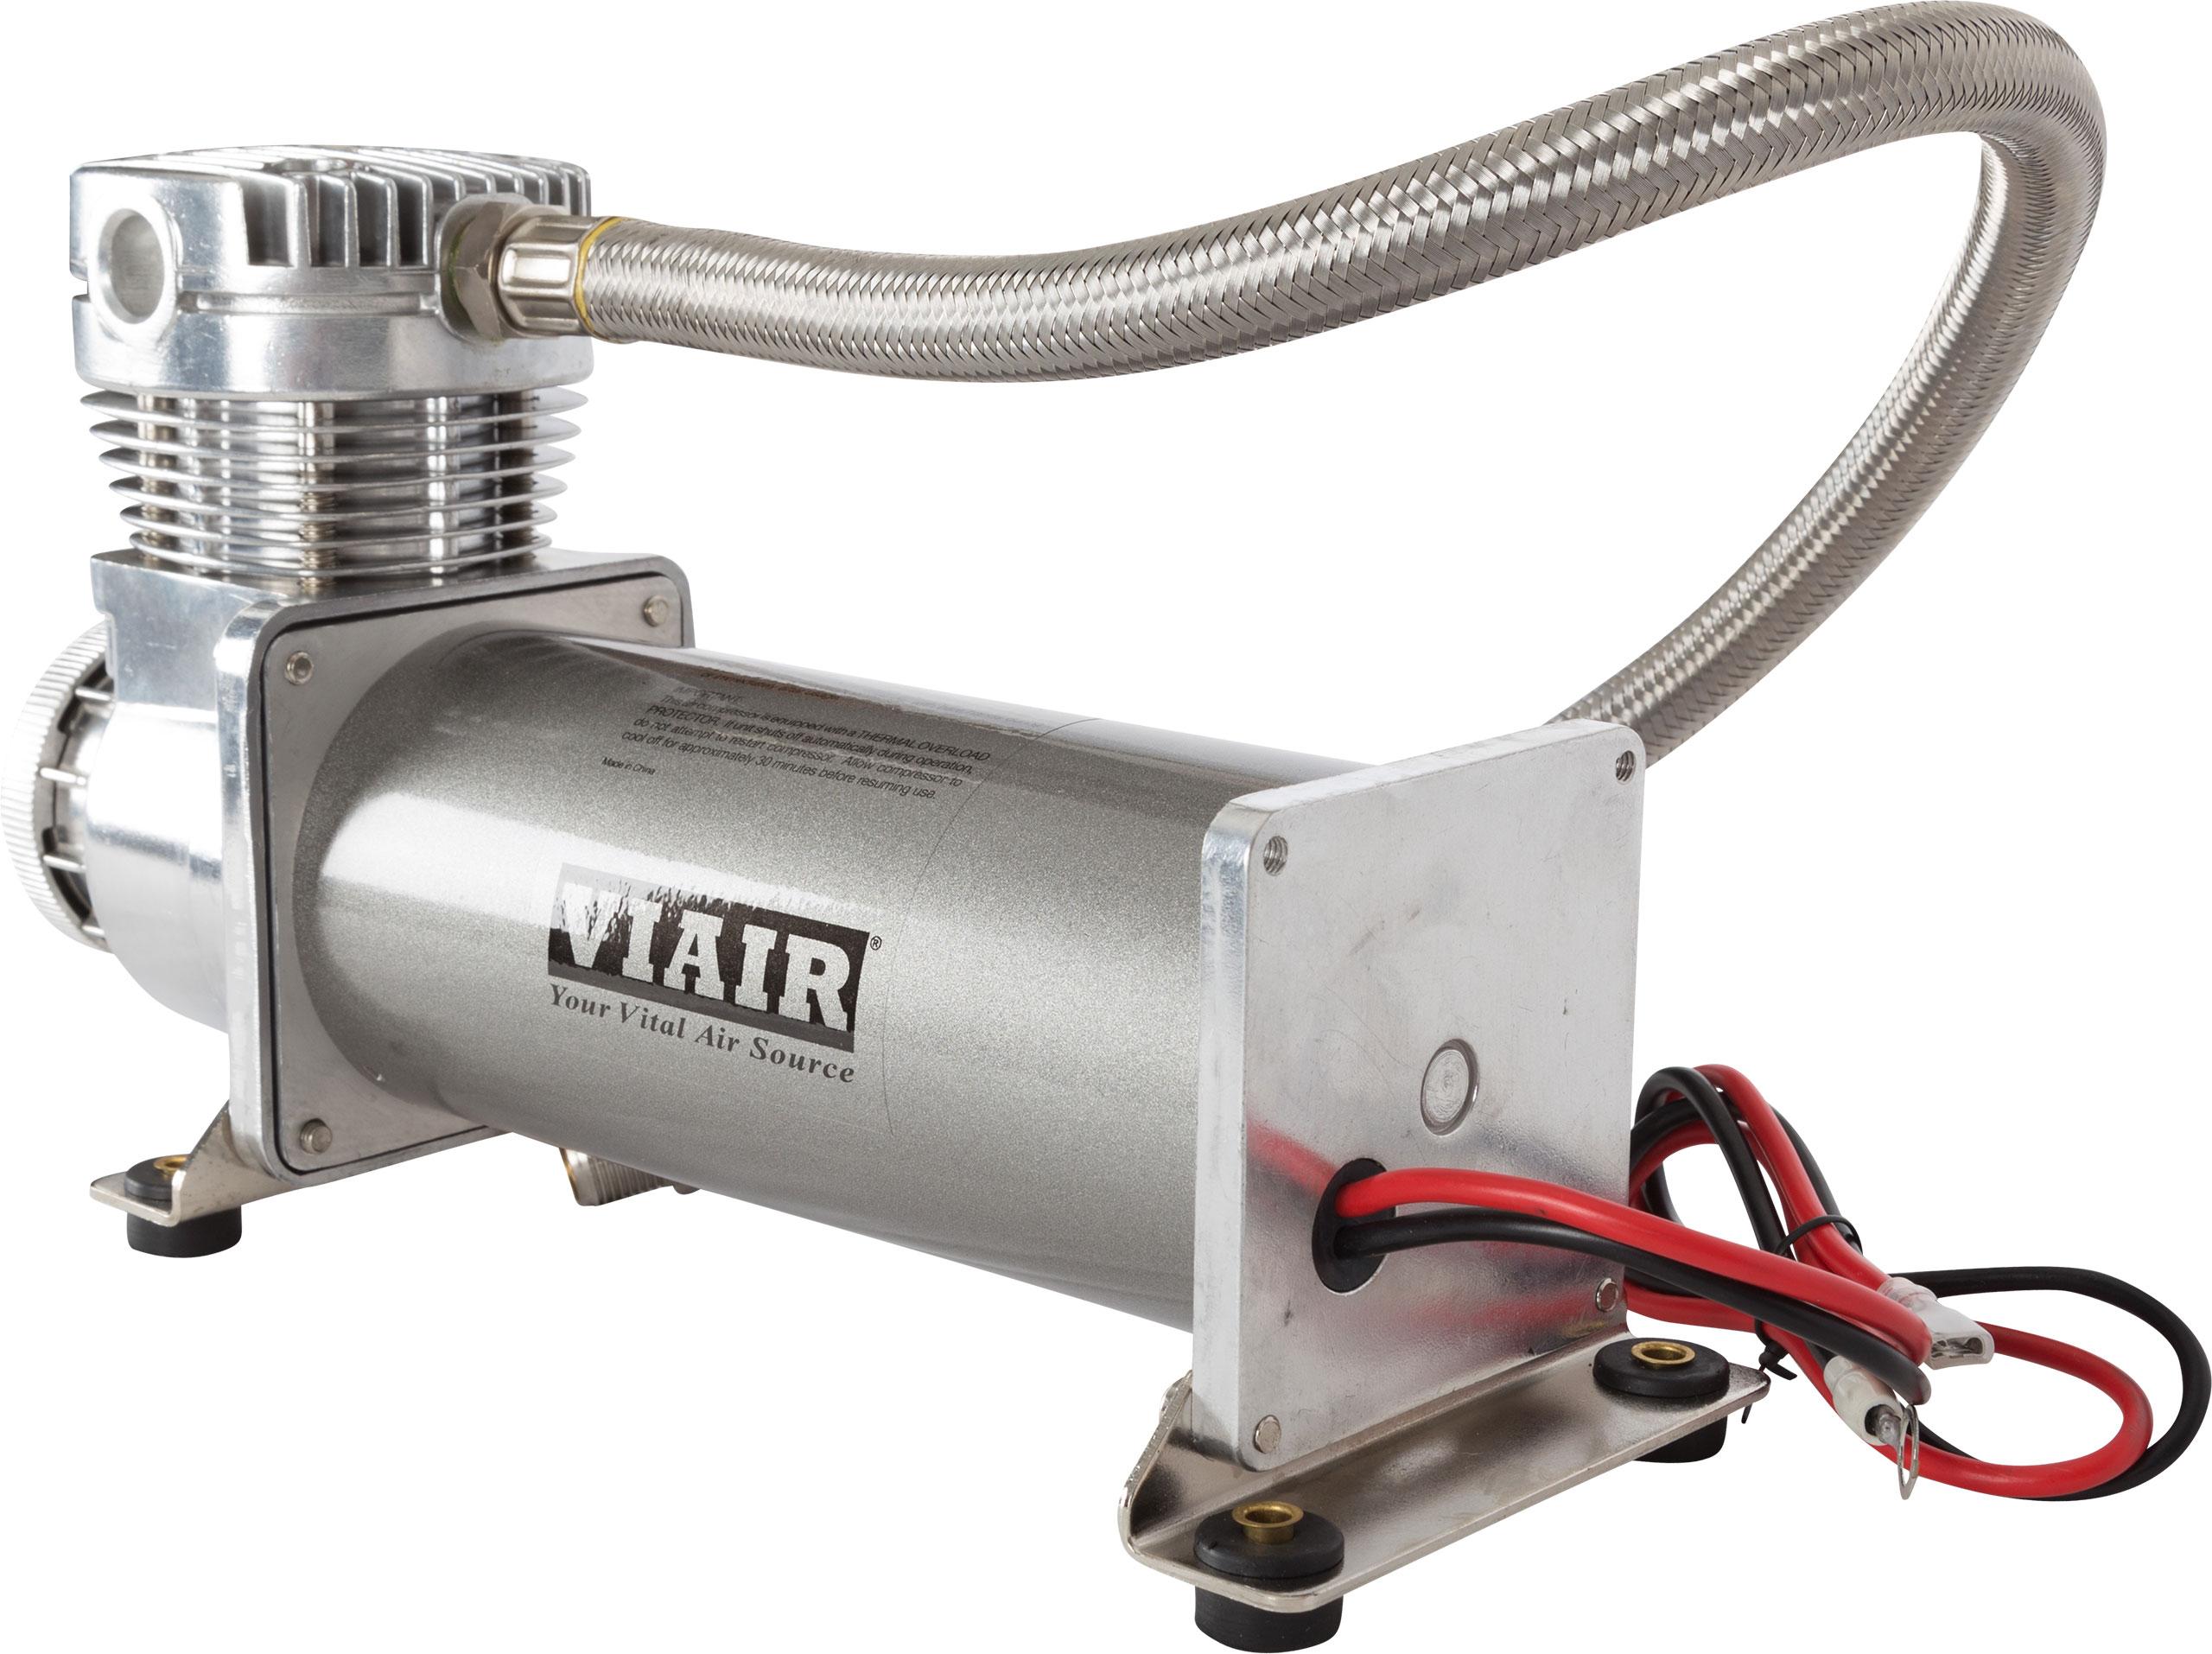 viair wiring diagram viair image wiring diagram viair 480c wiring diagram viair home wiring diagrams on viair wiring diagram